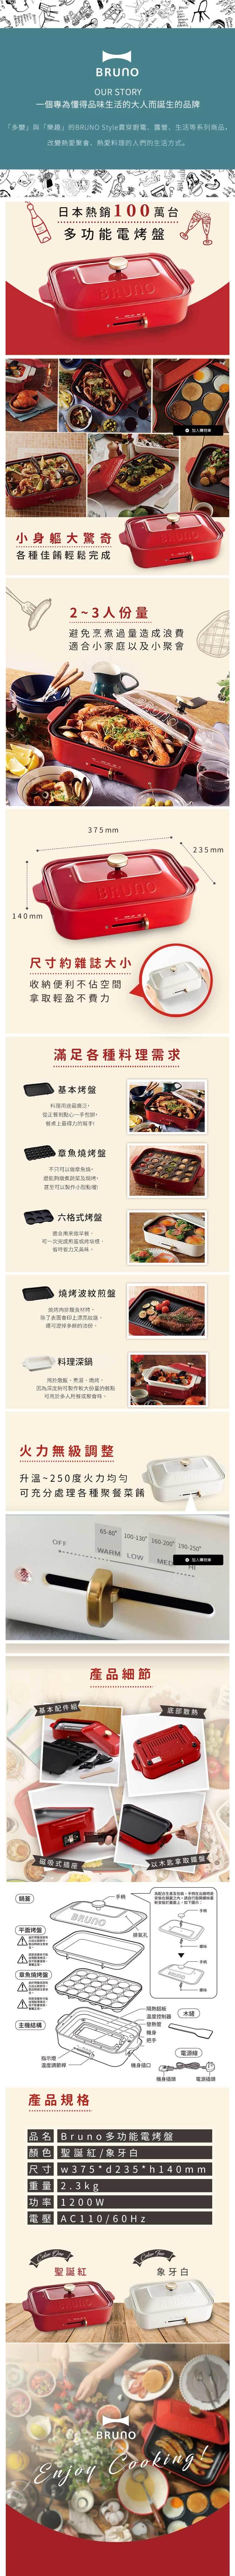 日本 BRUNO BOE021-BGY 限量版藍灰款 多功能電烤盤 (內附平面烤盤/章魚燒烤盤)